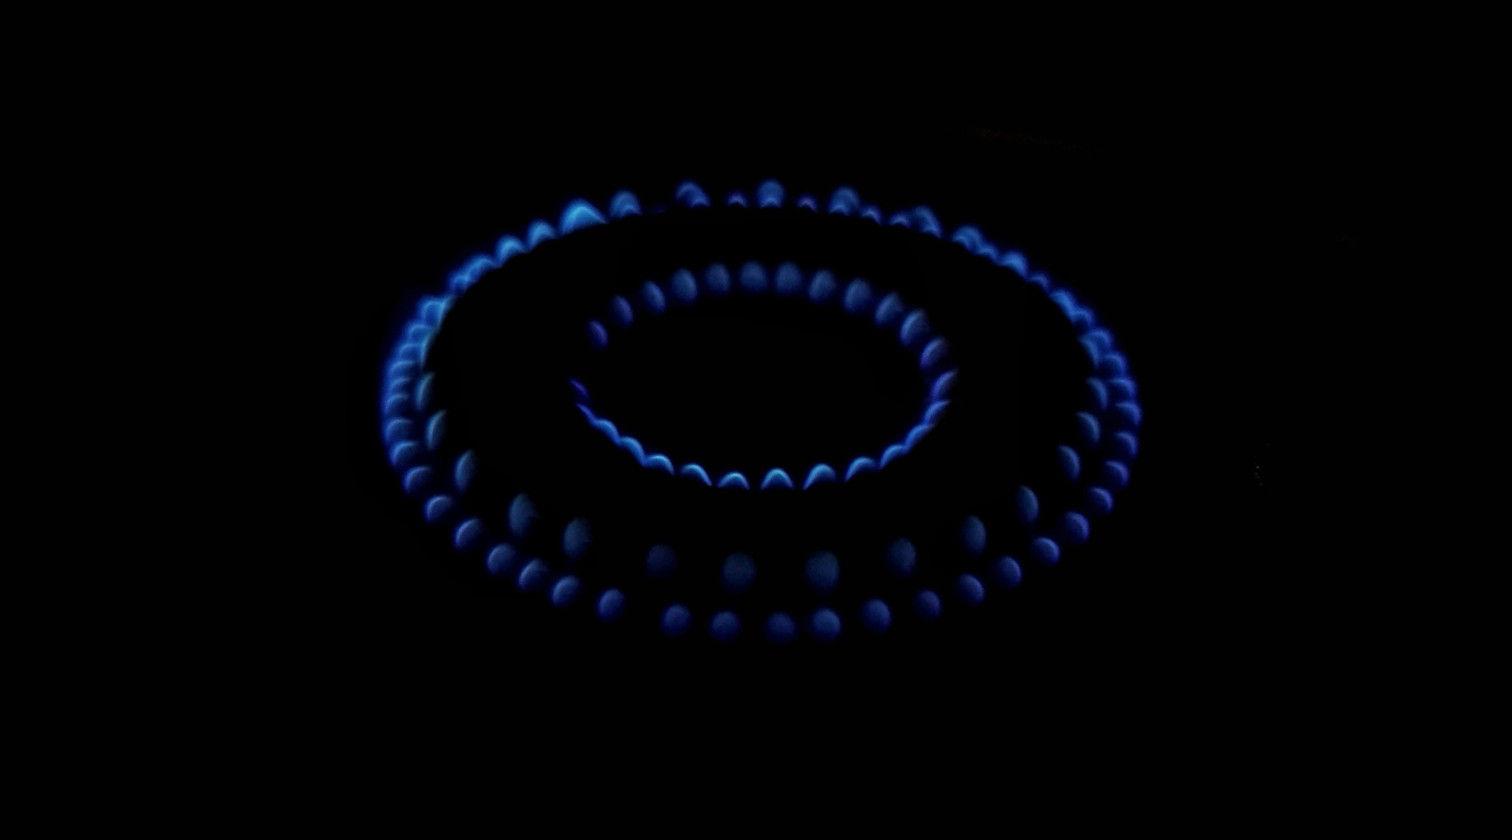 A lit gas hob